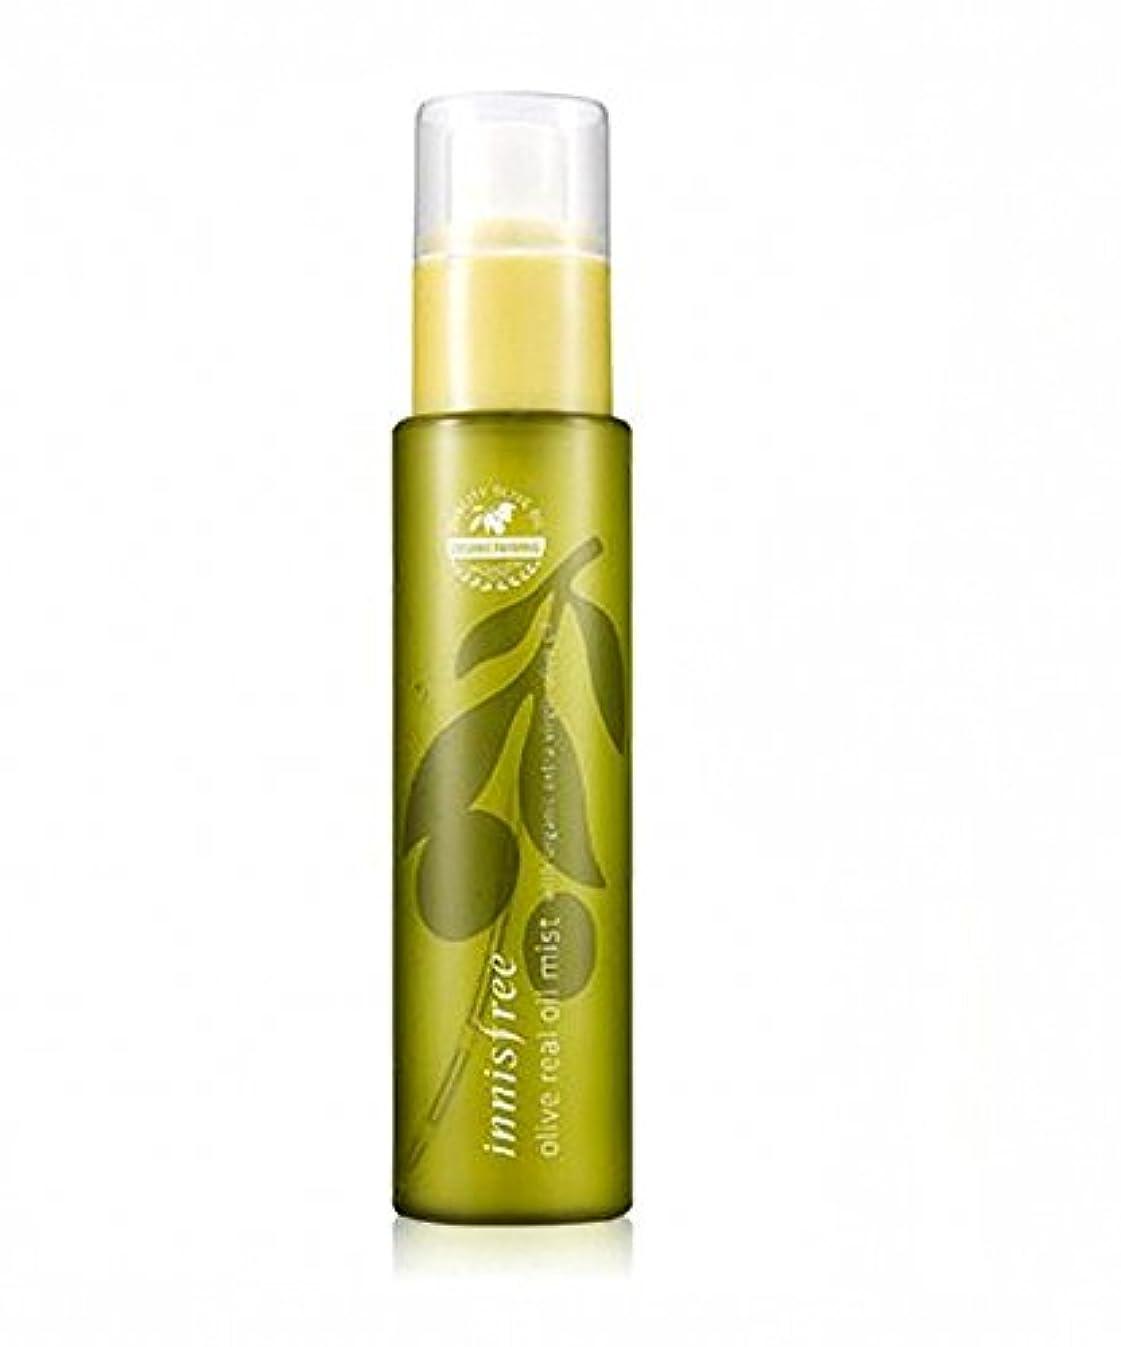 締める失態デマンドイニスフリー Innisfree オリーブ リアル オイル ミスト(80ml) Innisfree Olive Real Oil Mist(80ml) [海外直送品]